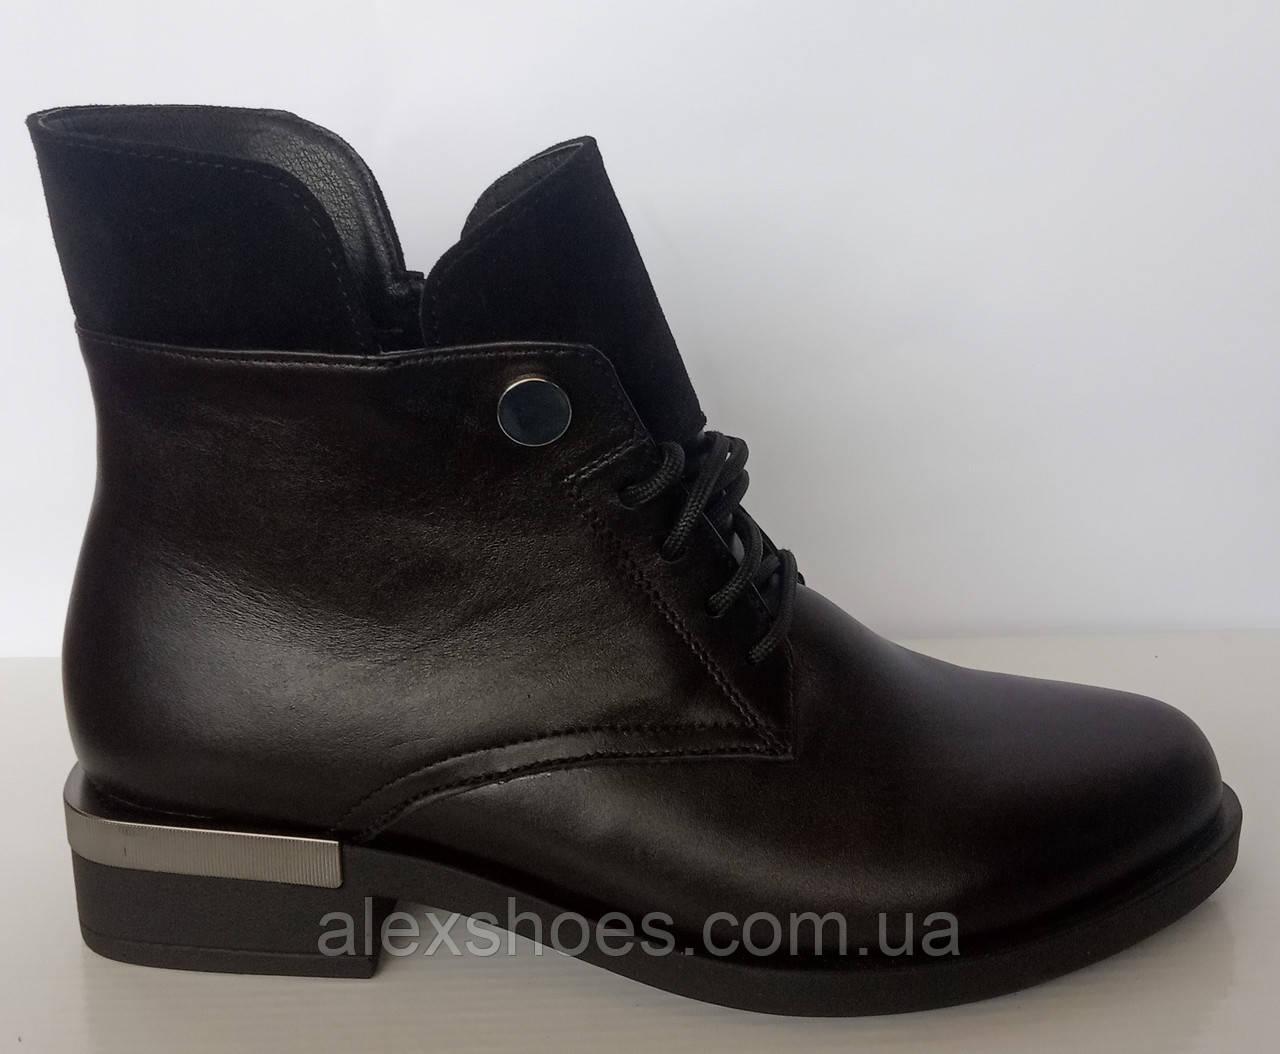 Ботинки женские зимние кожаные от производителя модель ДС525-5